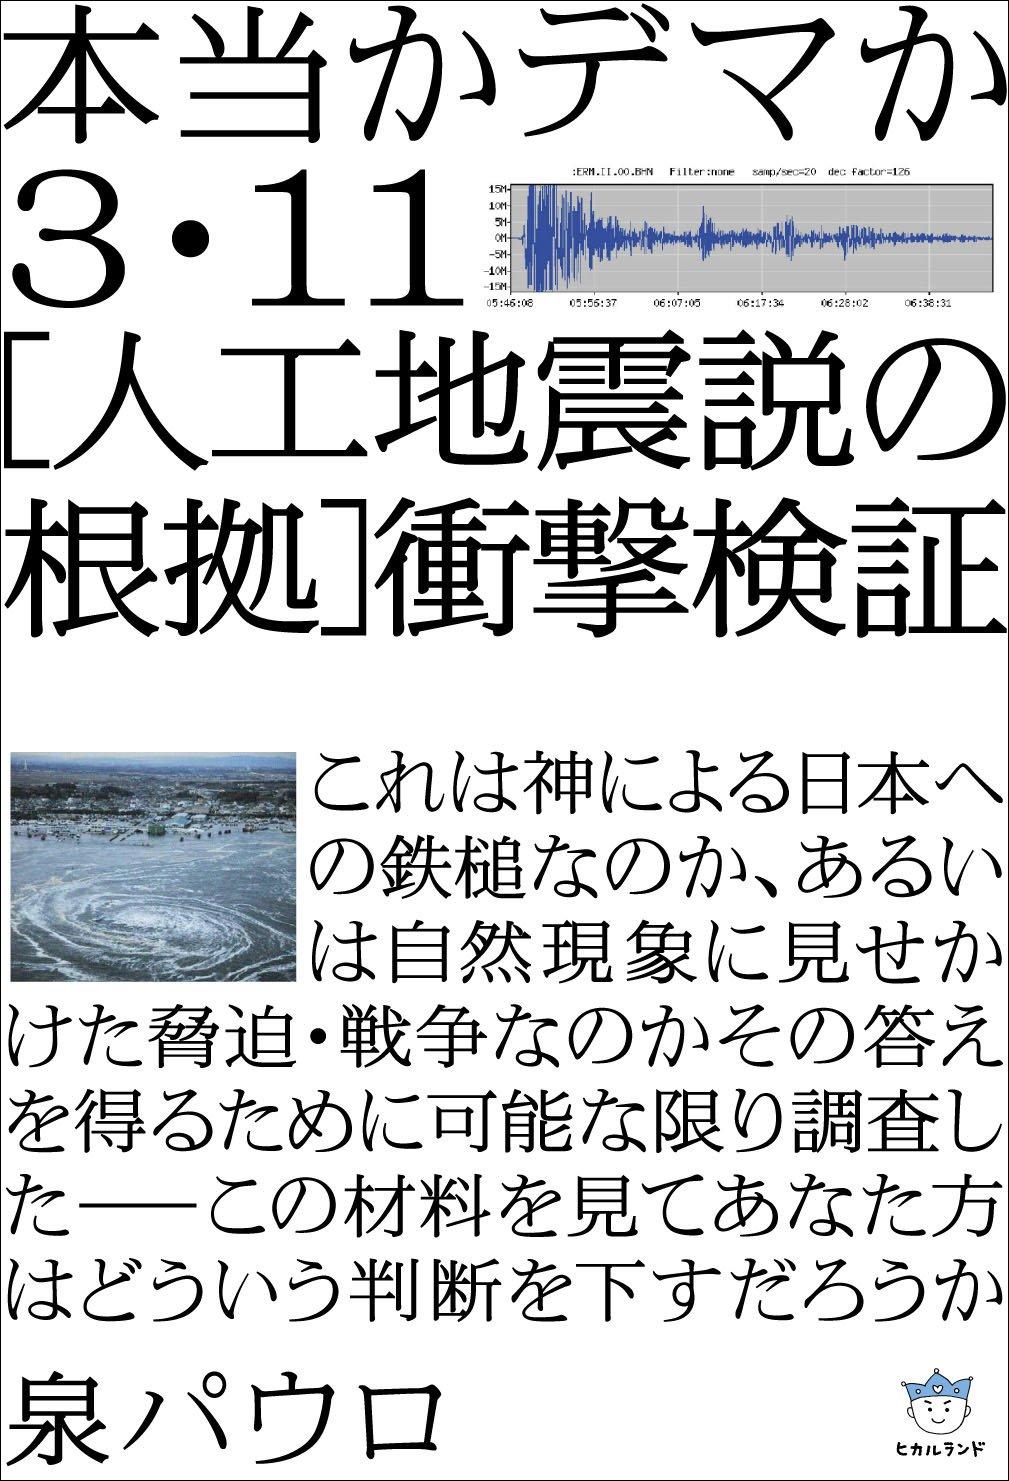 人工 地震